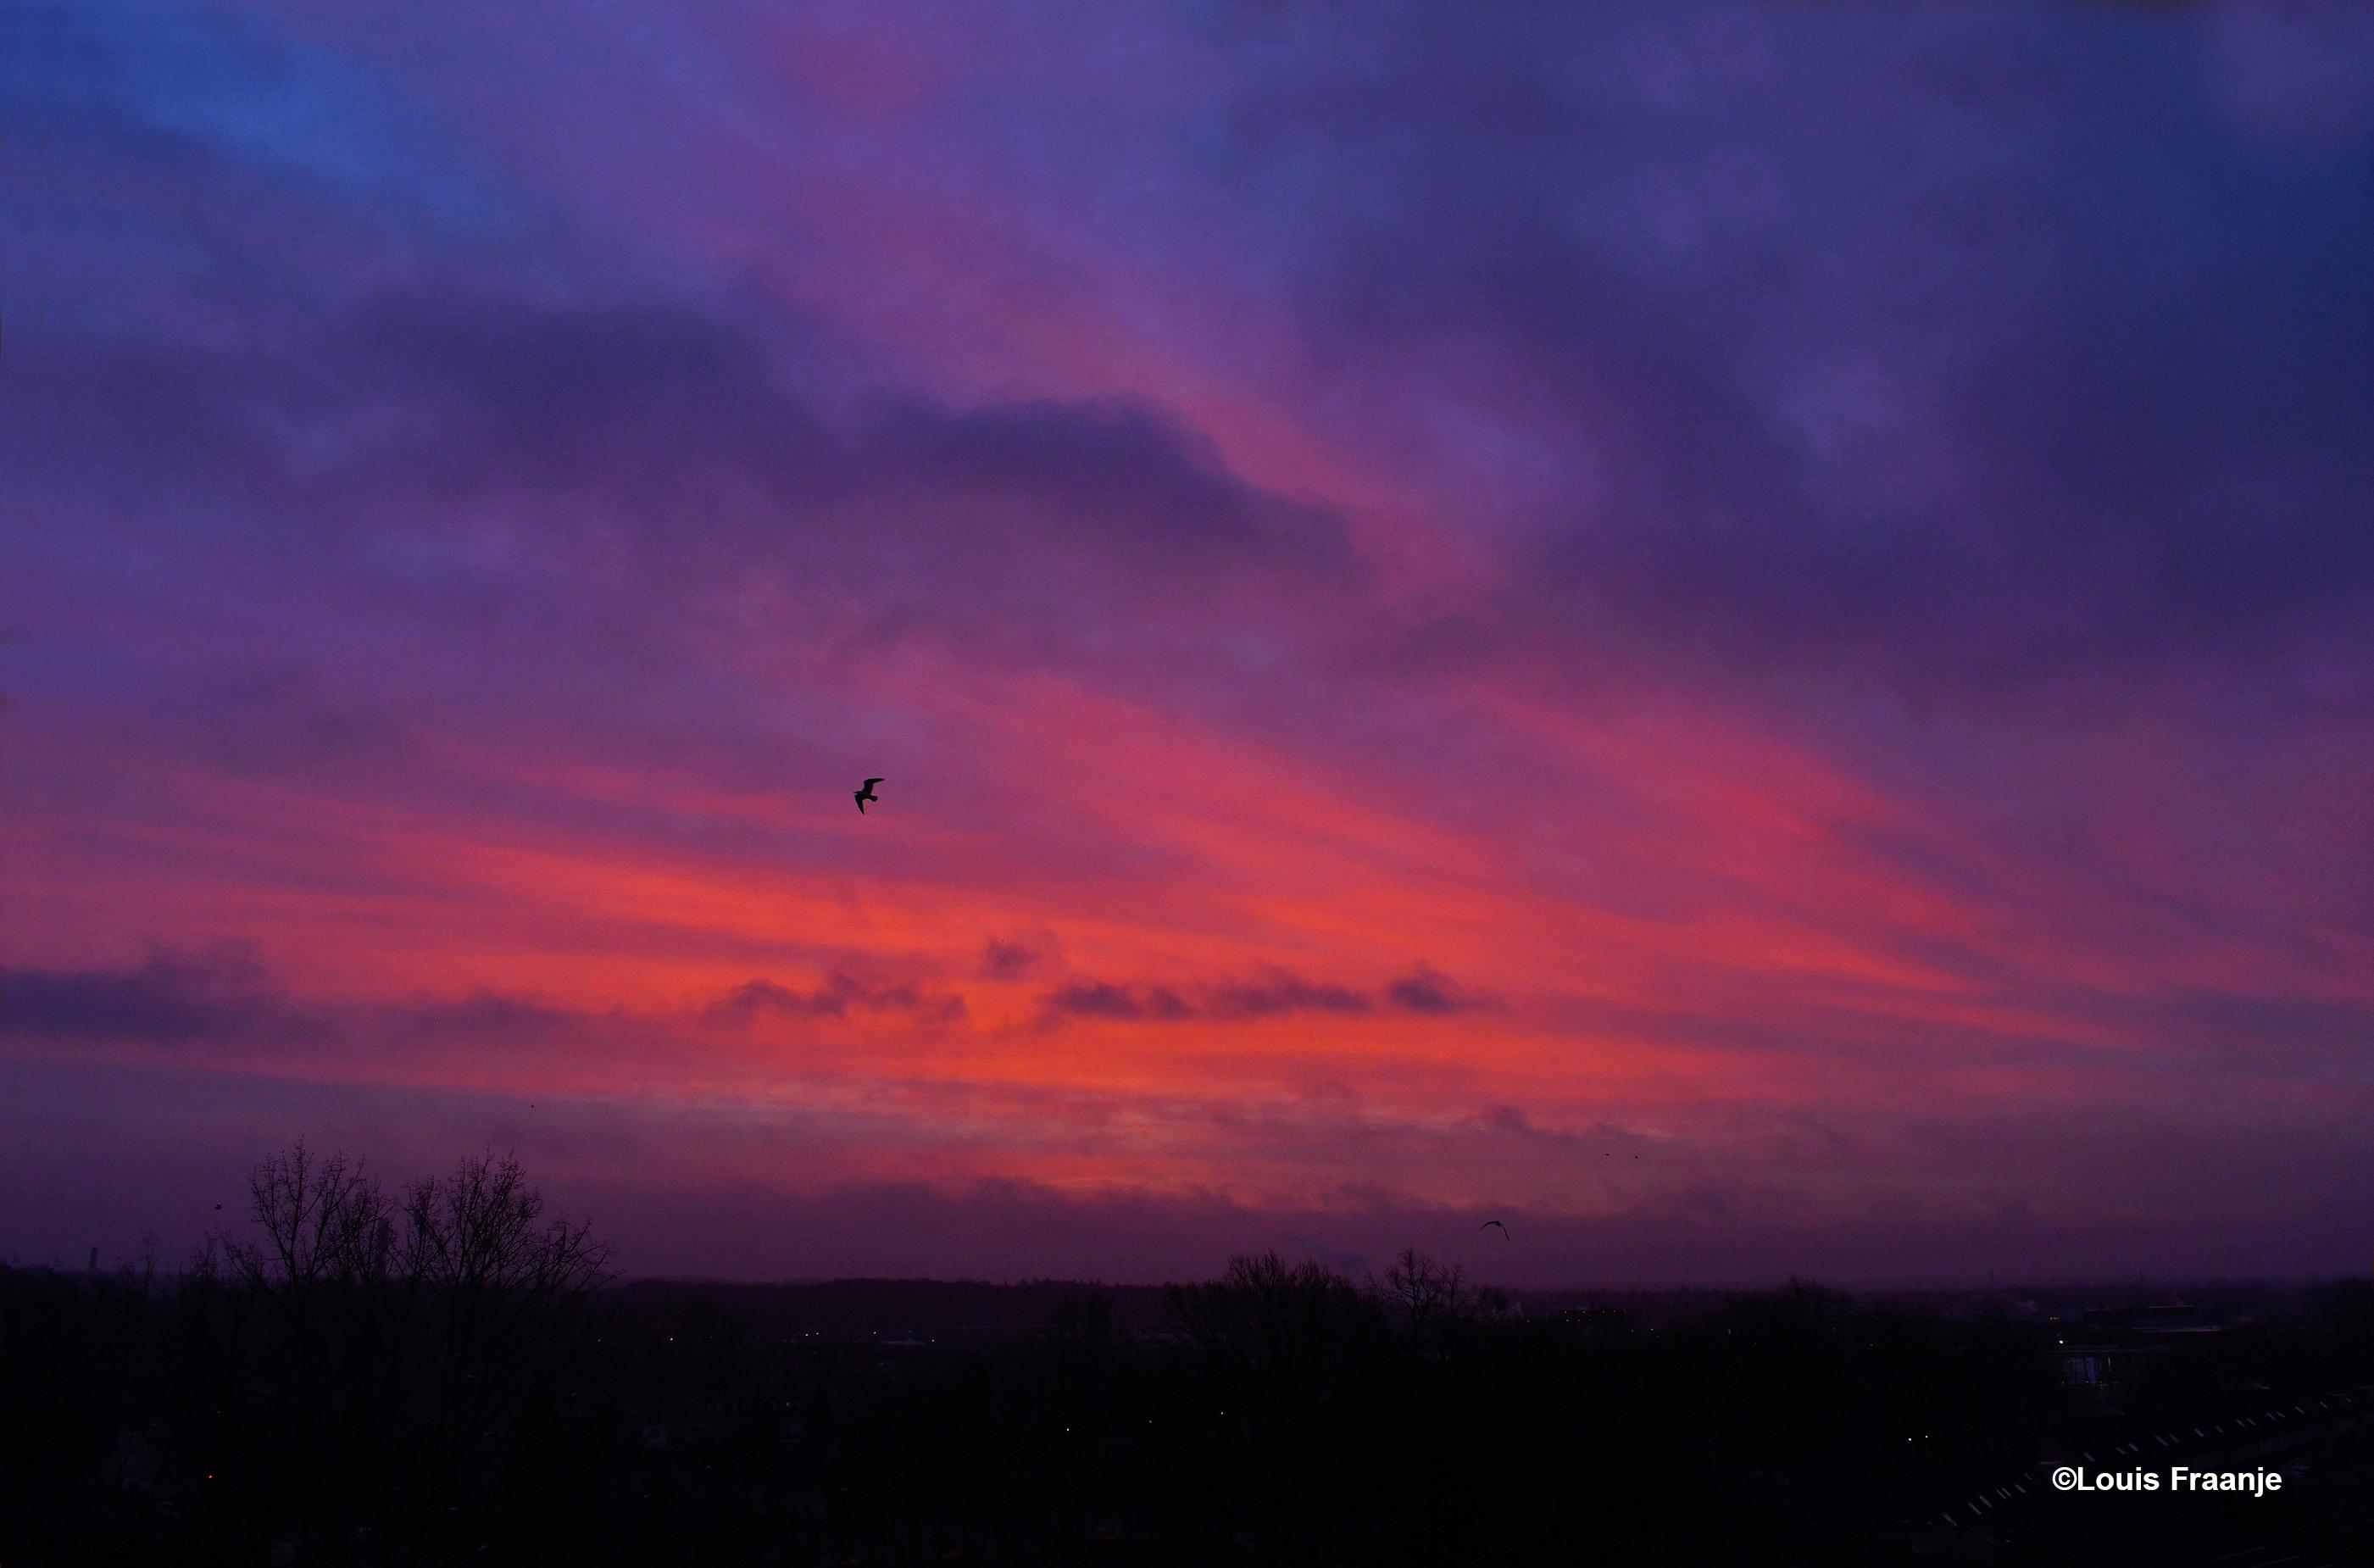 s' Morgens bij het ochtendgloren, kleurde de hemel prachtig rood - Foto: ©Louis Fraanje